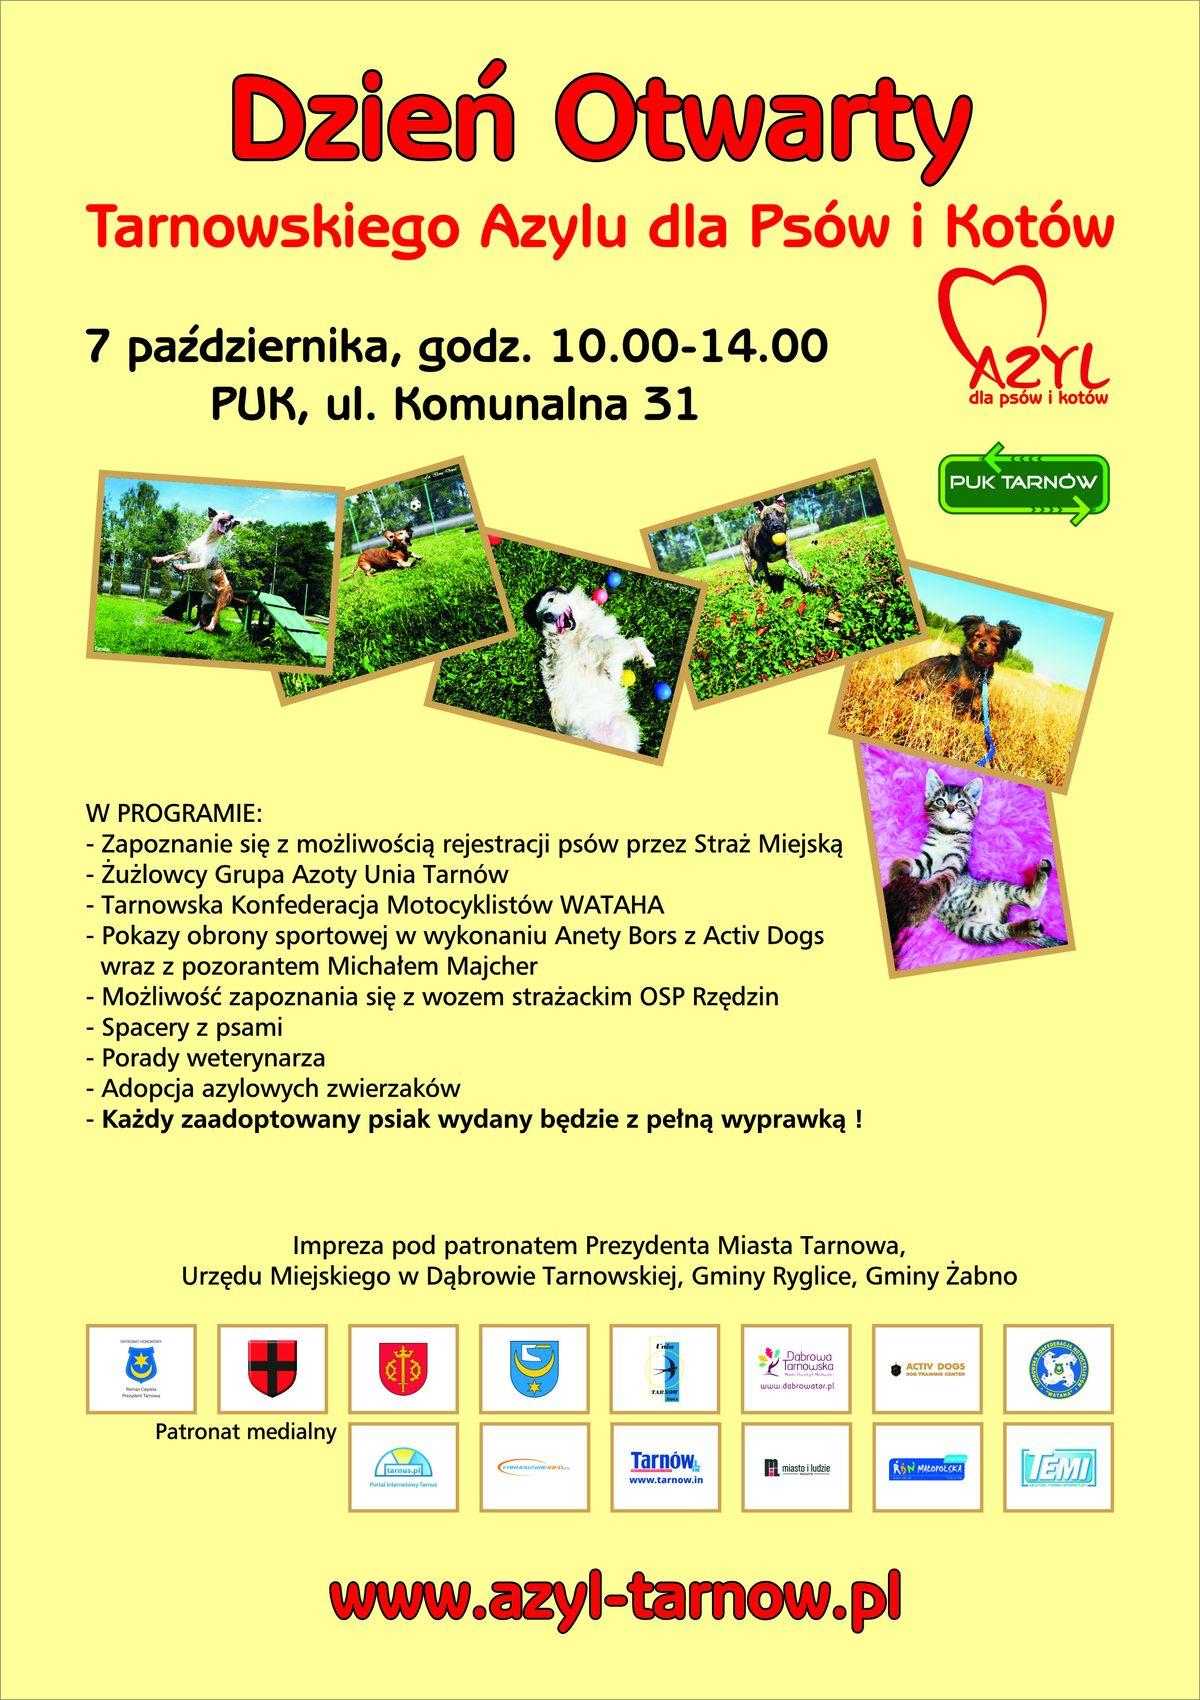 Dzień Otwarty Tarnowskiego Azylu dla Psów i Kotów